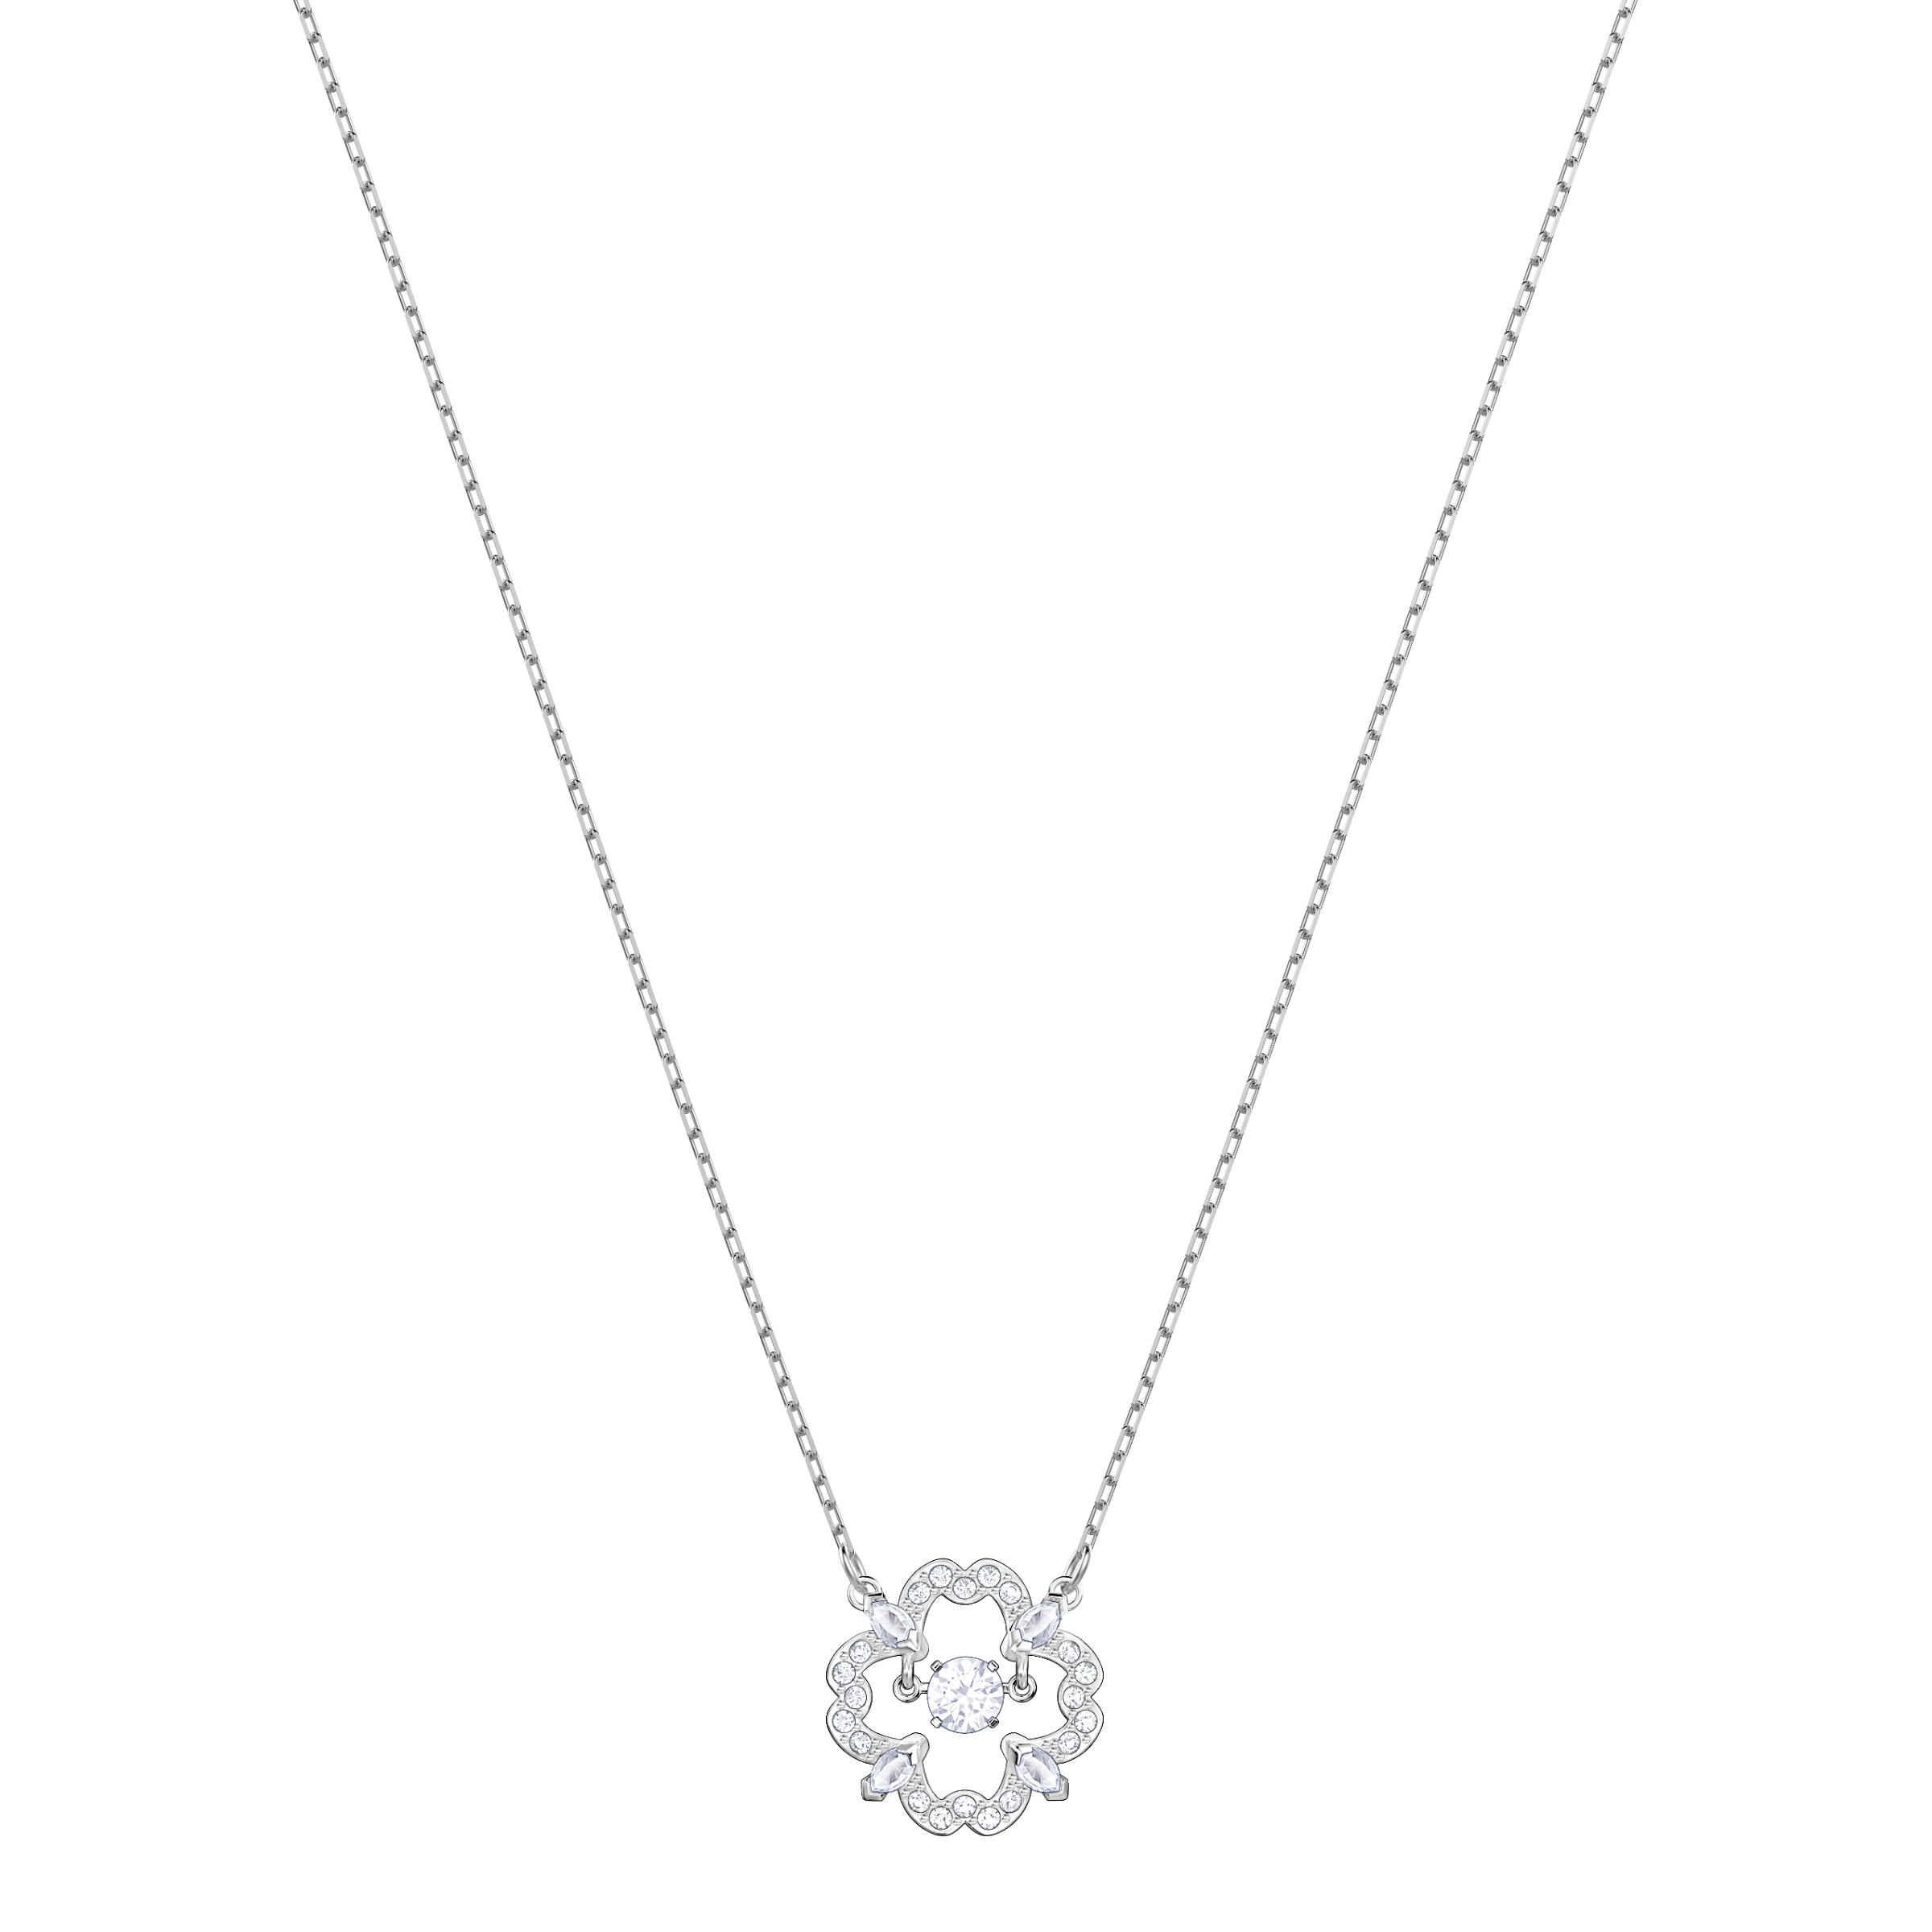 Sparkling Dance Flower Necklace, White, Rhodium Plating